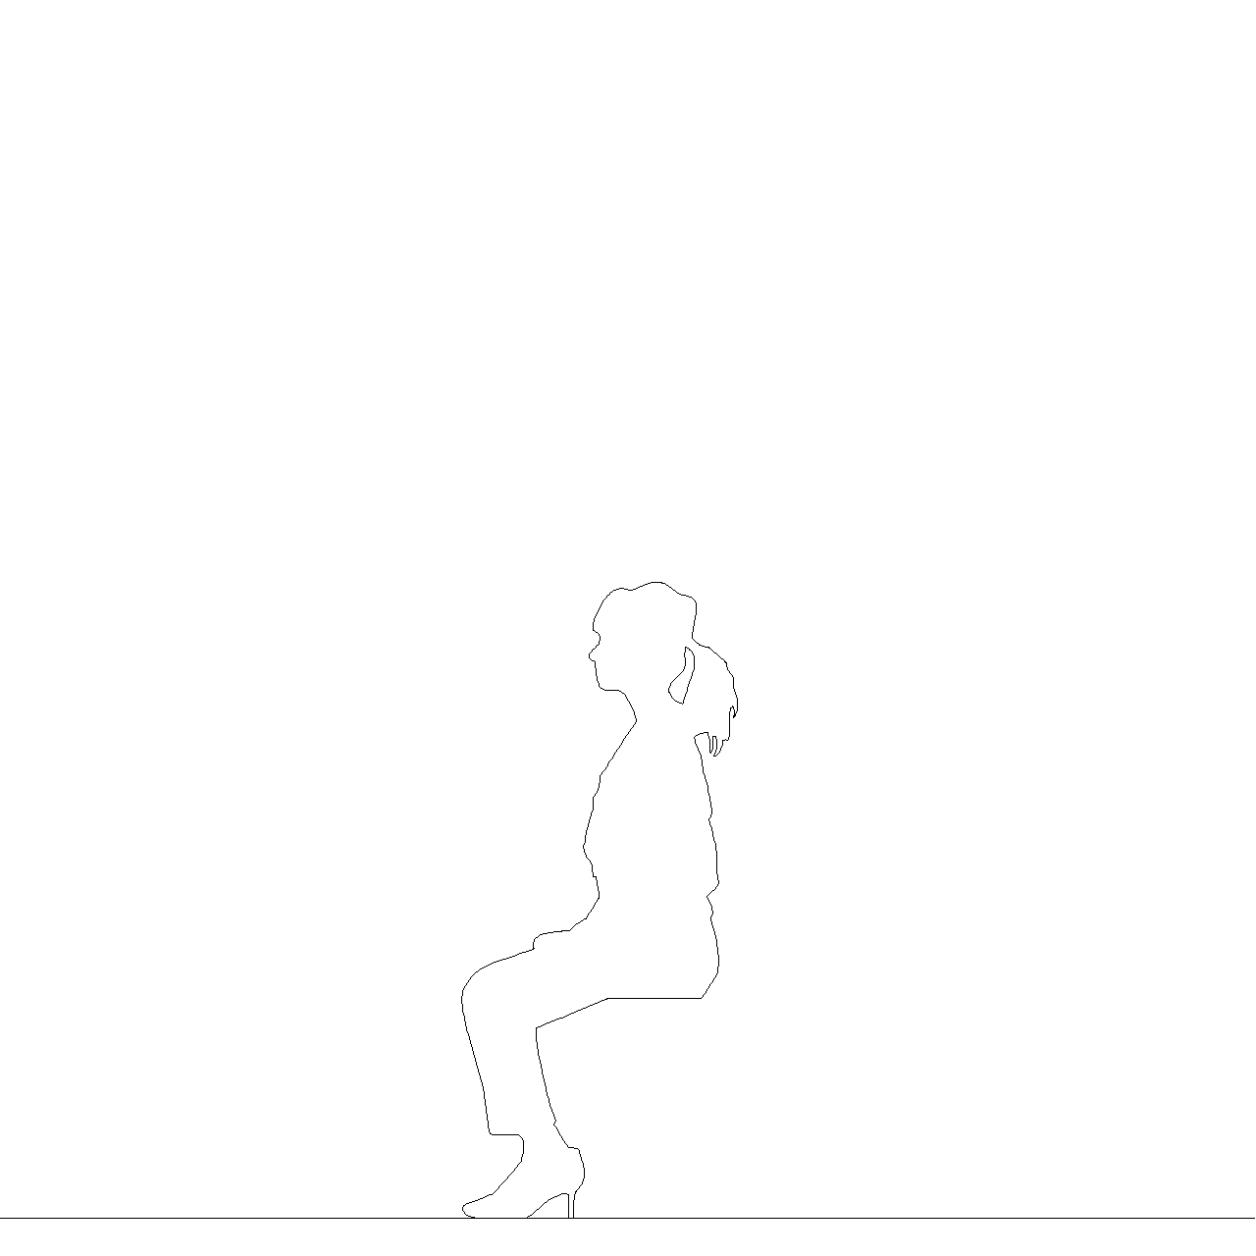 腰かける女性の2DCAD部品丨シルエット 人間 女性丨無料 商用可能 フリー素材 フリーデータ AUTOCAD DWG DXF